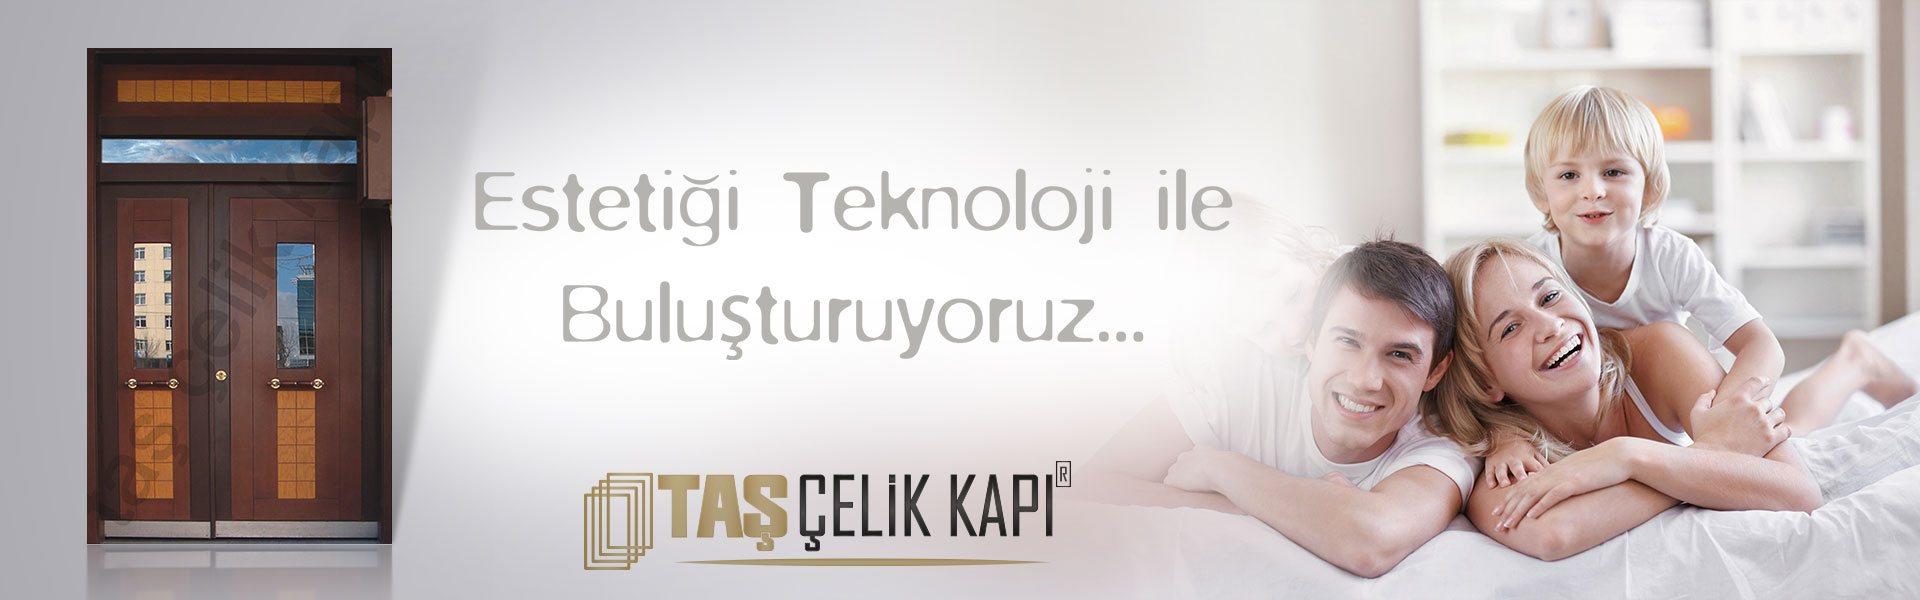 Taş Çelik Kapı – Türkiyenin Sağlamlıkta Öncü Markası